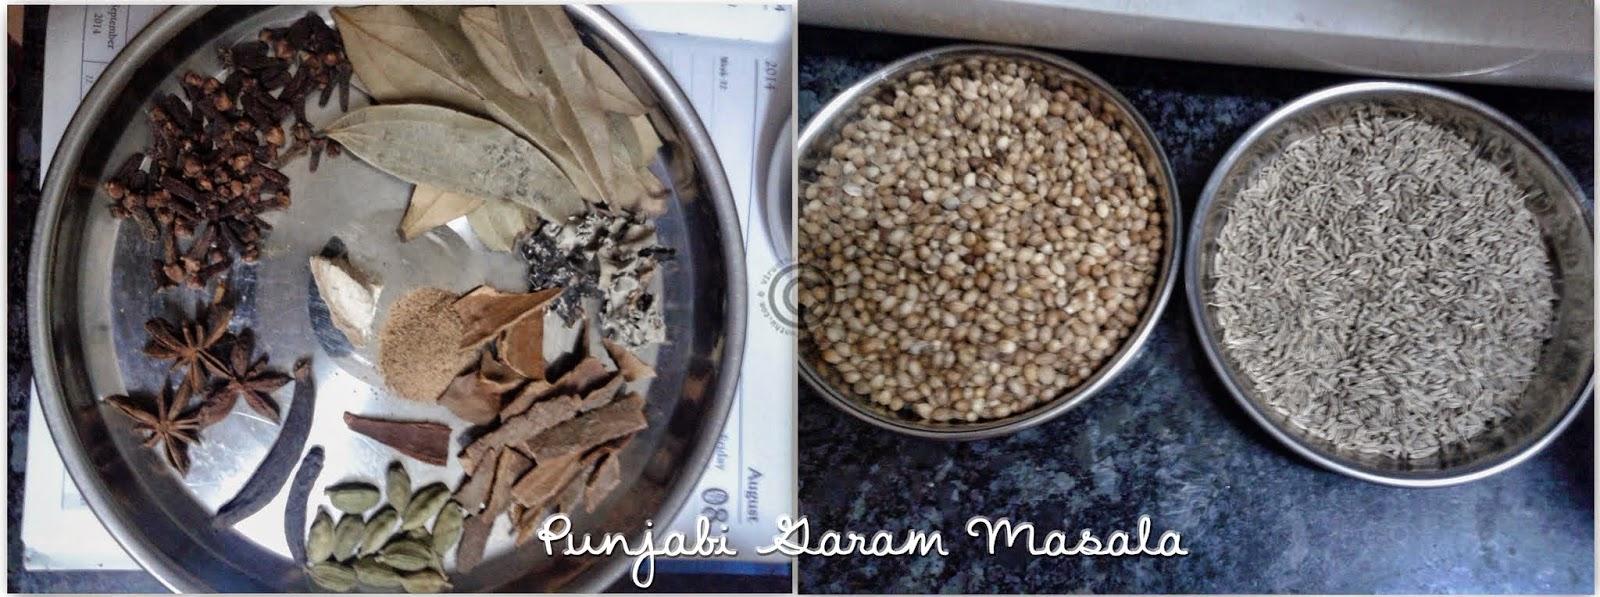 punjabi-garam-masala-powder